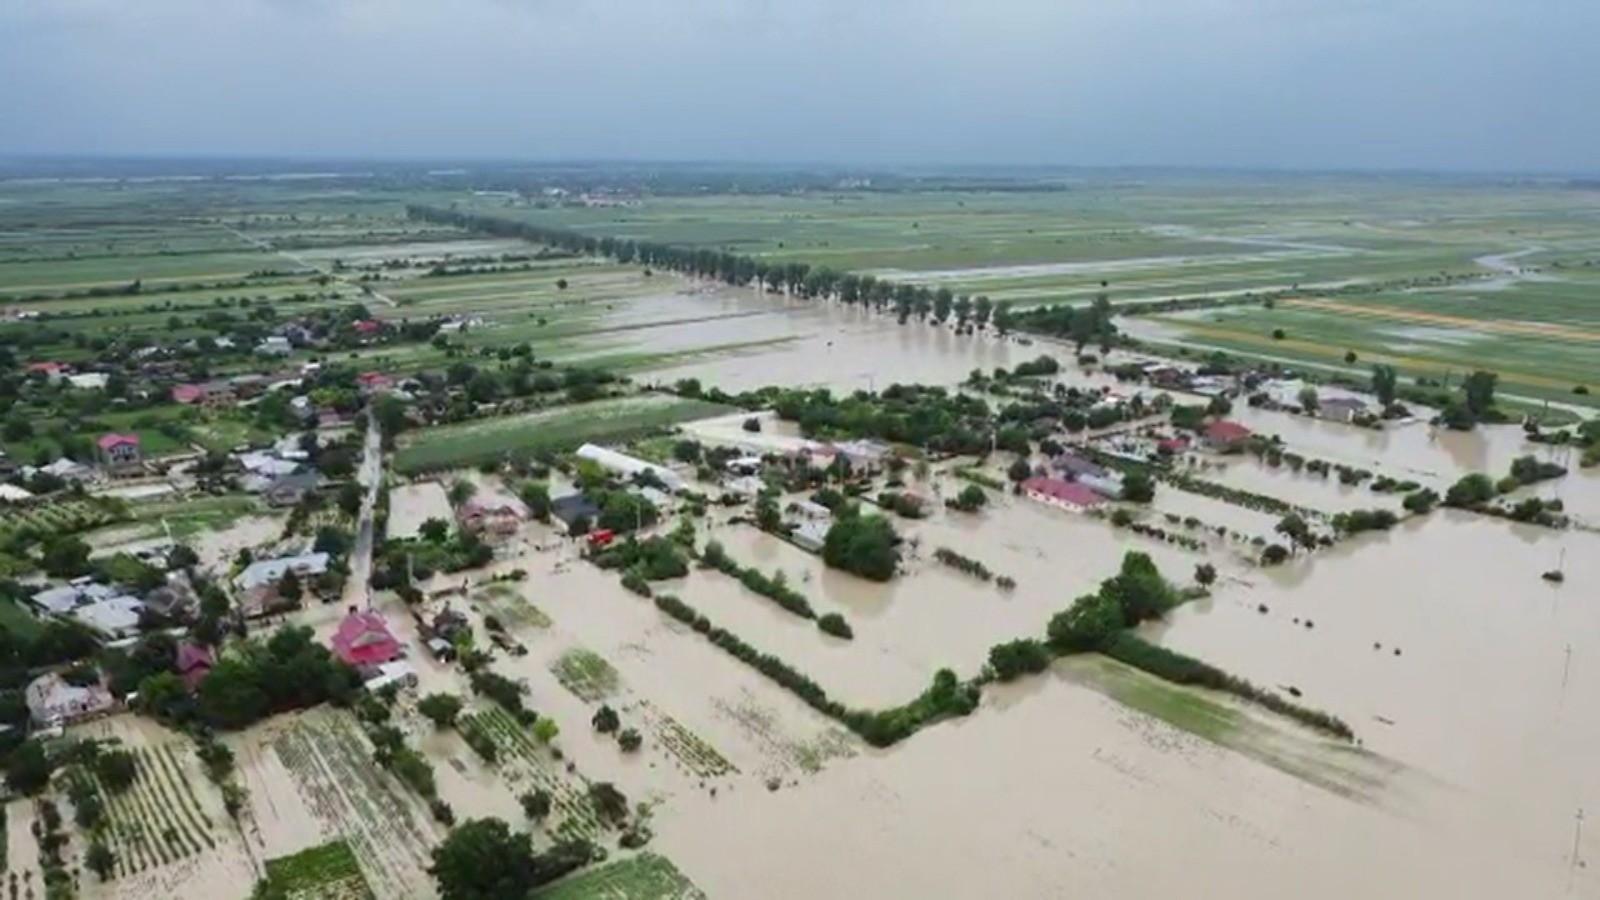 Inundații, culturi distruse și vieți luate de ape, bilanțul dramatic după două săptămâni de ploi torenţiale şi furtuni. Urmează zile de caniculă